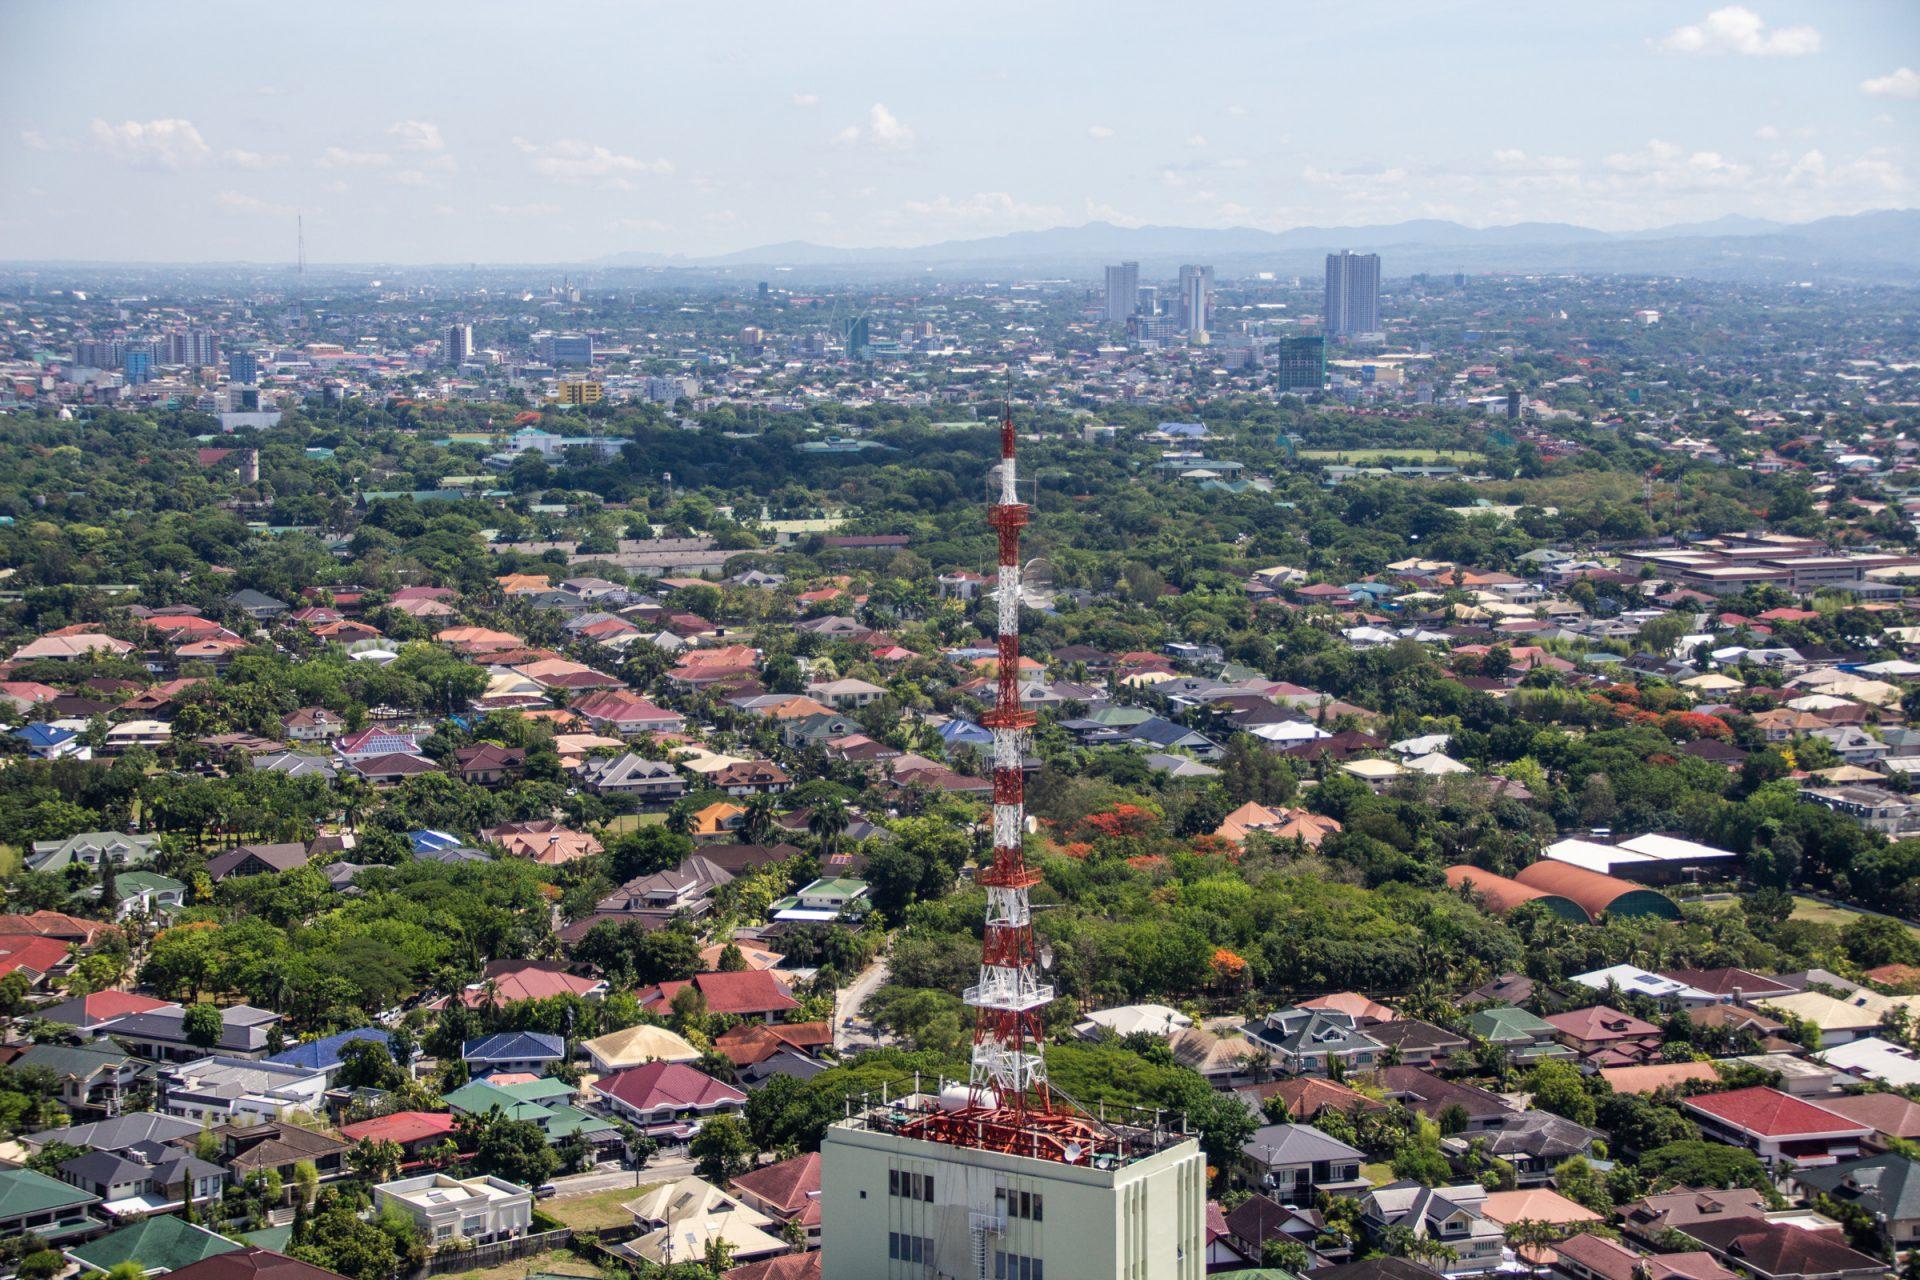 Radio Tower In Urban Area In Manila